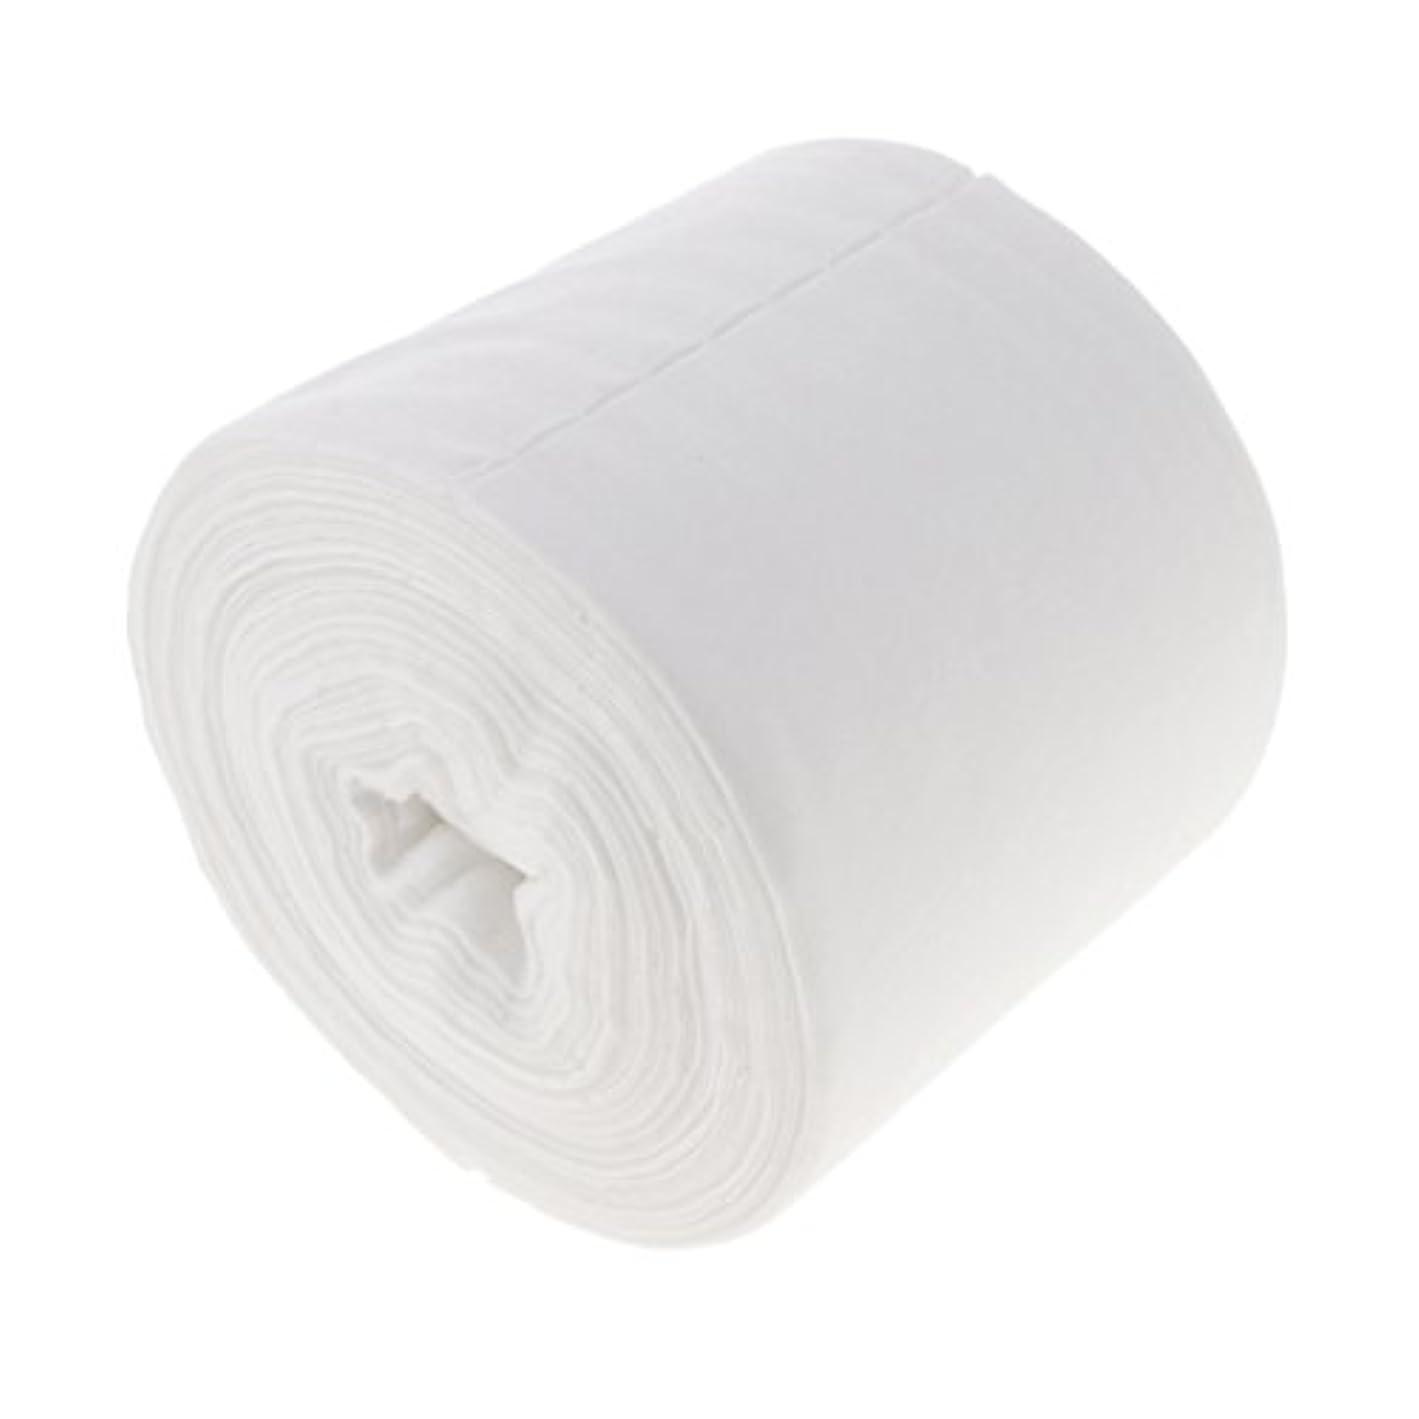 過言多様な優雅なPerfk 洗顔 クリーニング タオル 使い捨て 顔用タオル 柔らかい